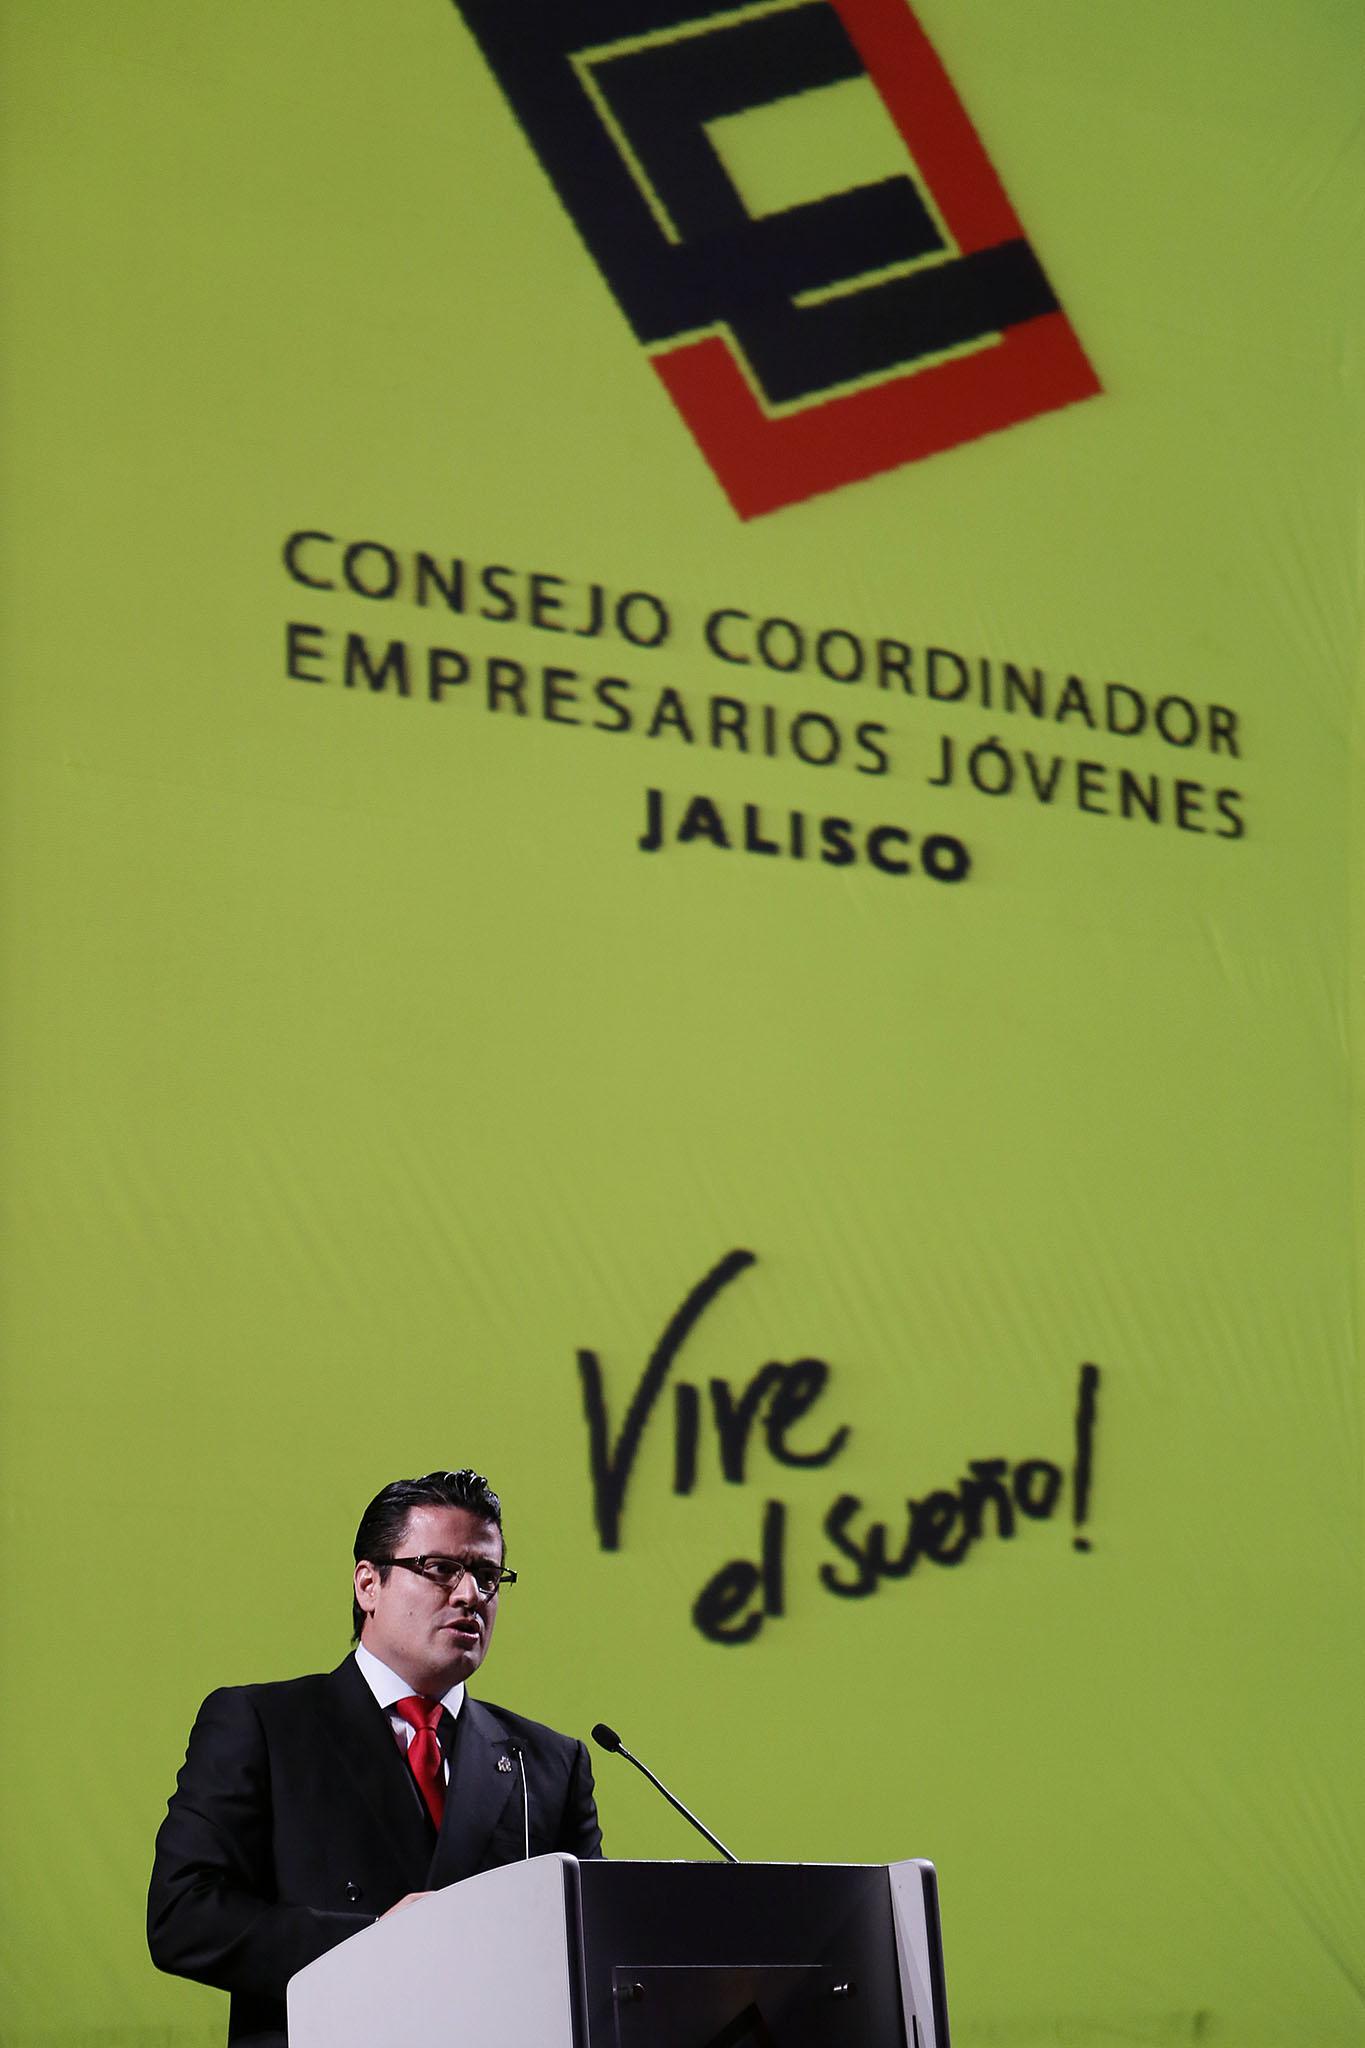 Sumará Aristóteles Sandoval esfuerzos con emprendedores para crear nuevas empresas